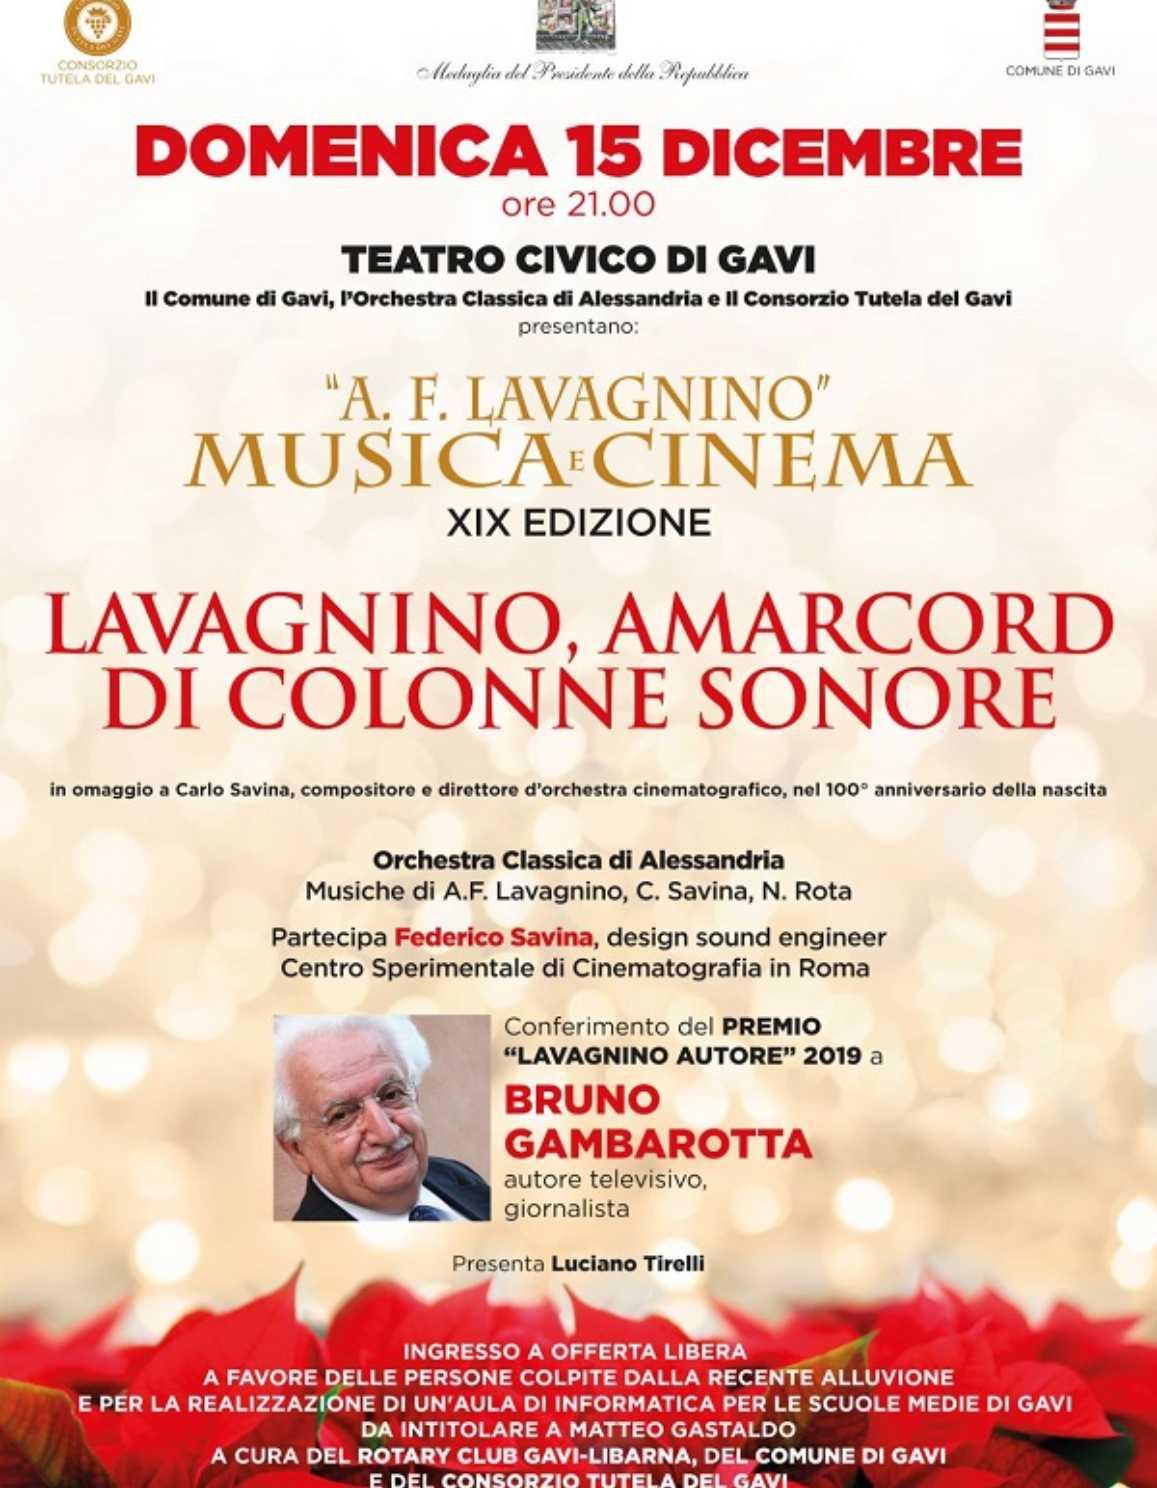 Festival A.F.Lavagnino: Musica e Cinema 2019